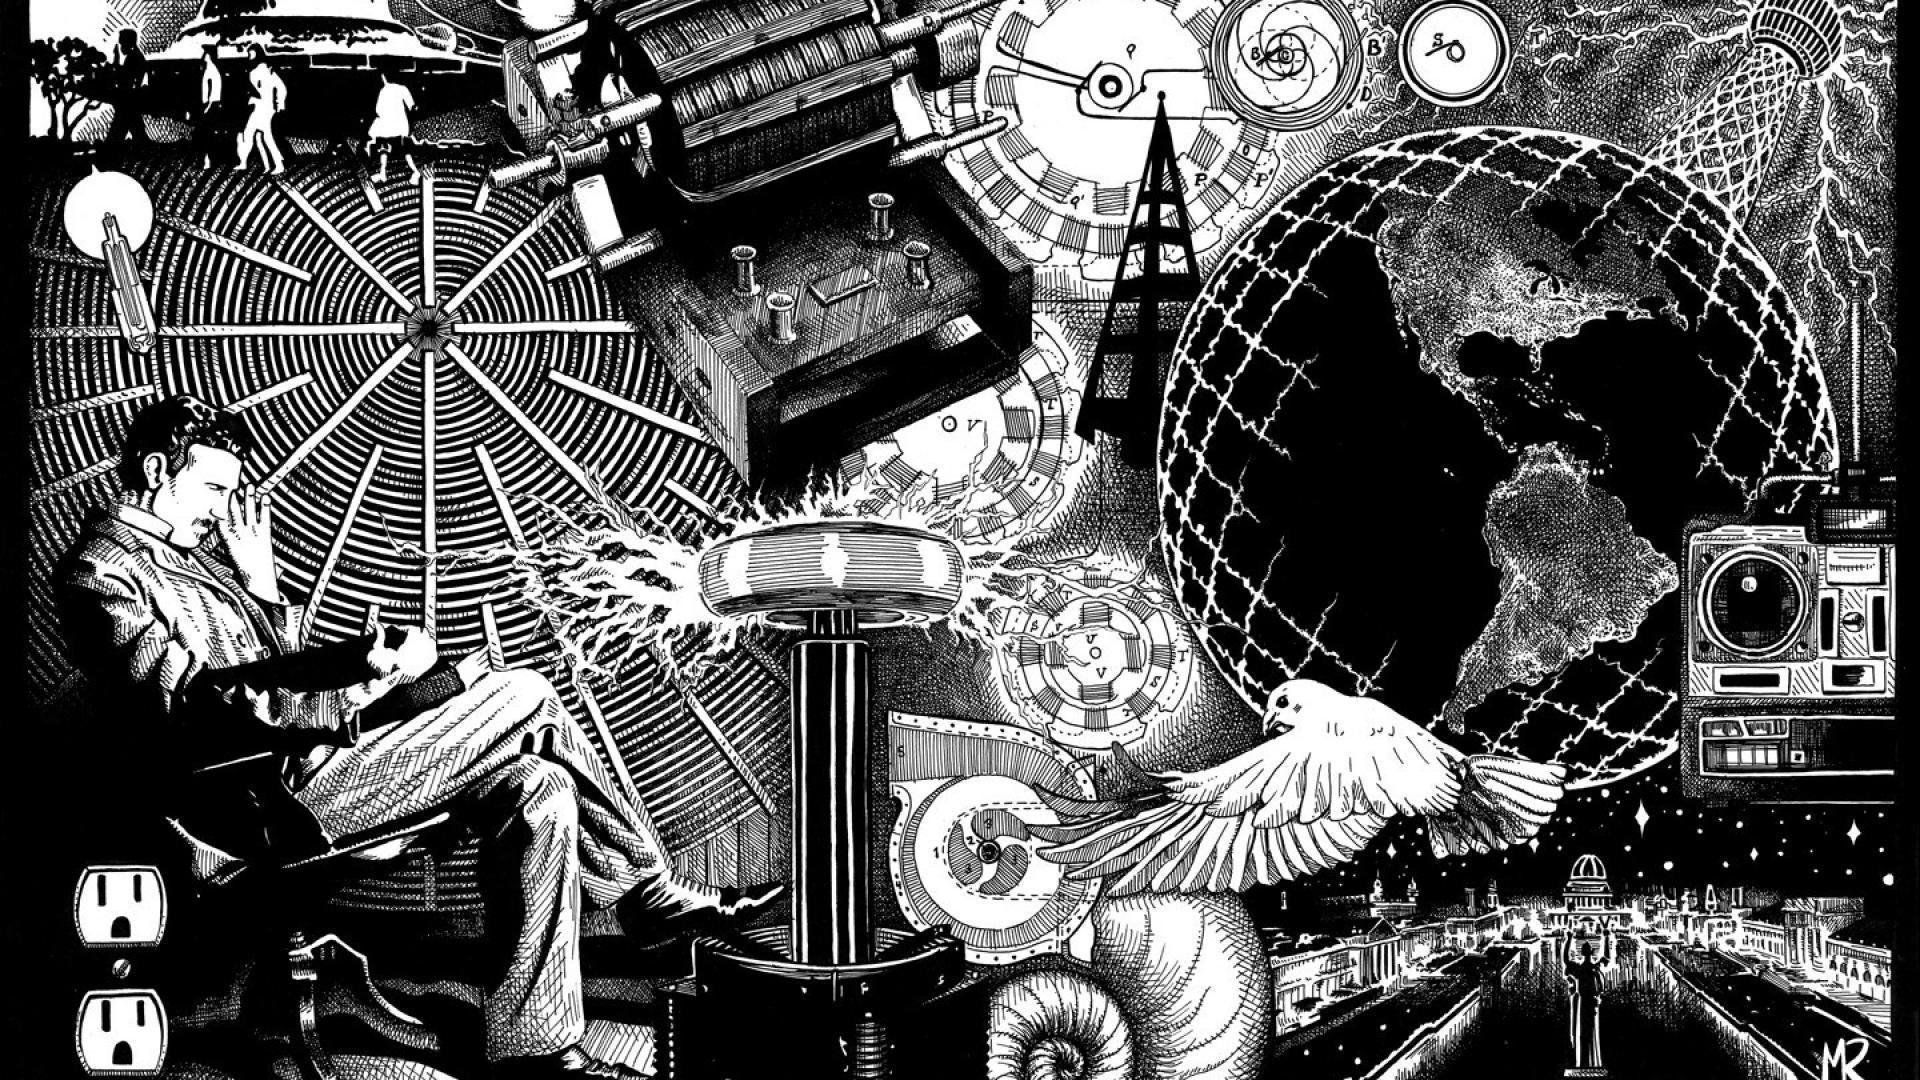 Nikola Tesla Free Hd Wallpapers Images Backgrounds Nikola Tesla Frases De Nikola Tesla Tesla